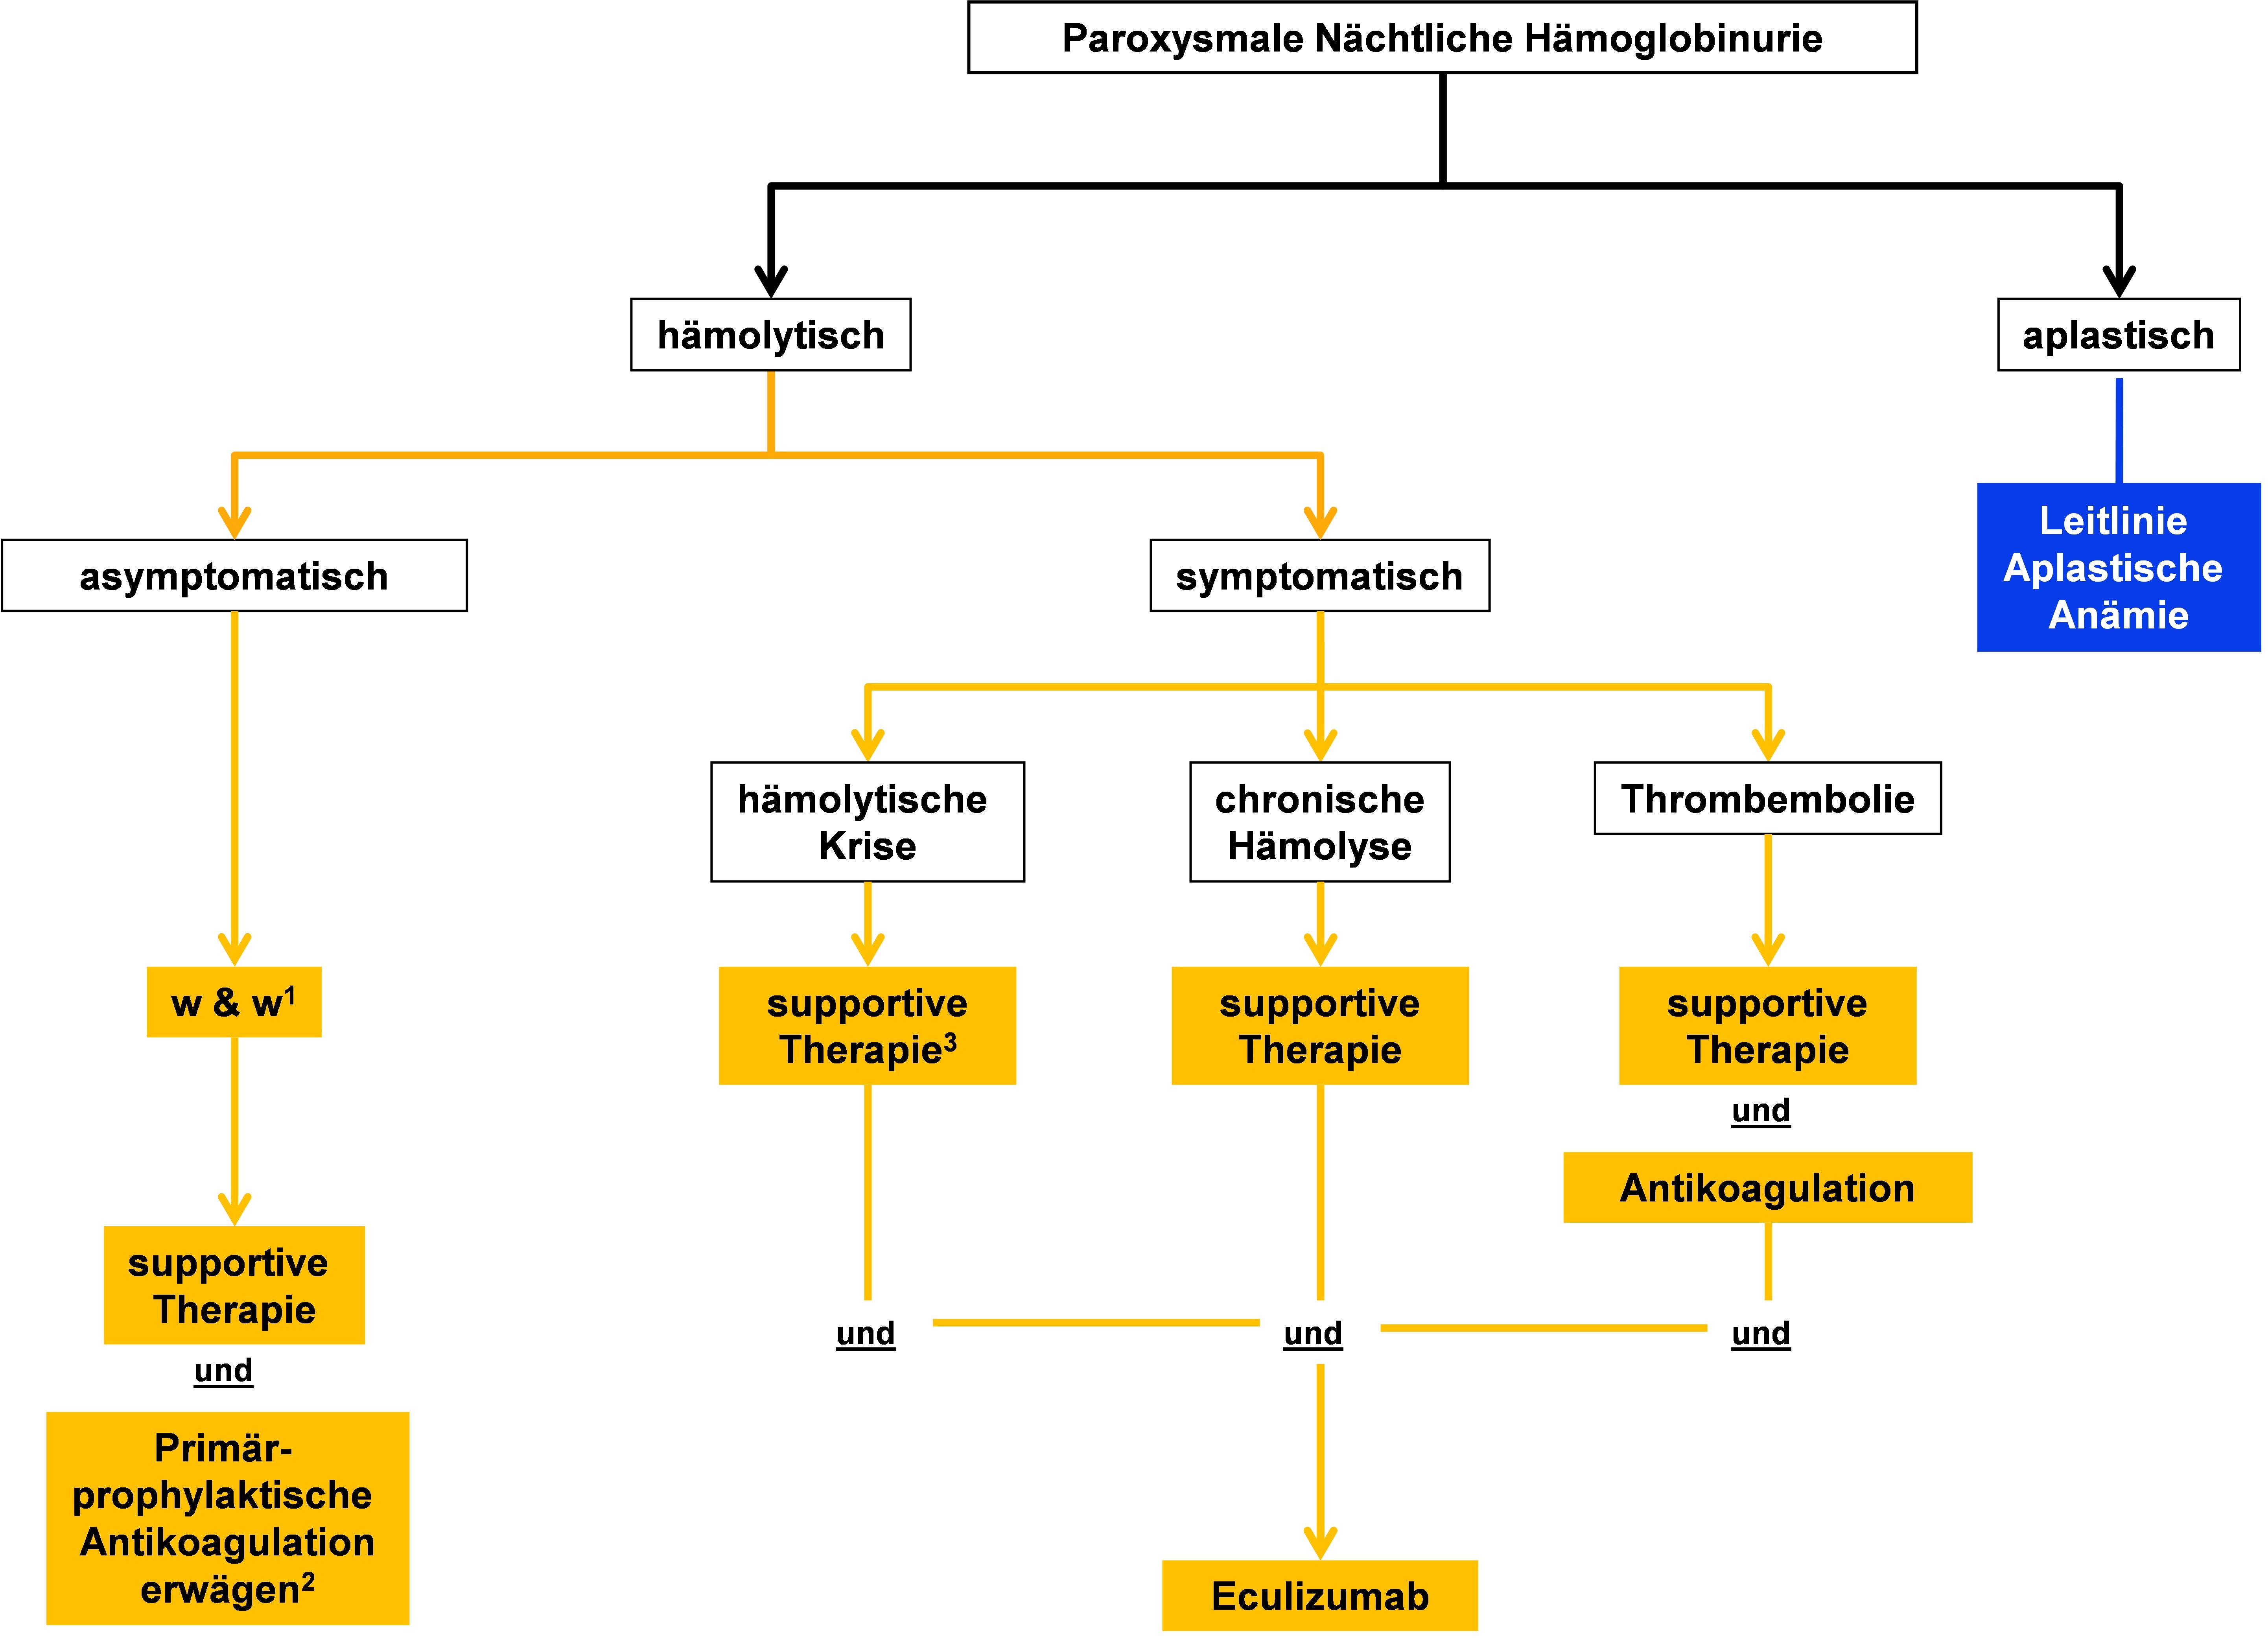 Algorithmus für die Therapie von Patienten mit Paroxysmaler Nächtlicher Hämoglobinurie